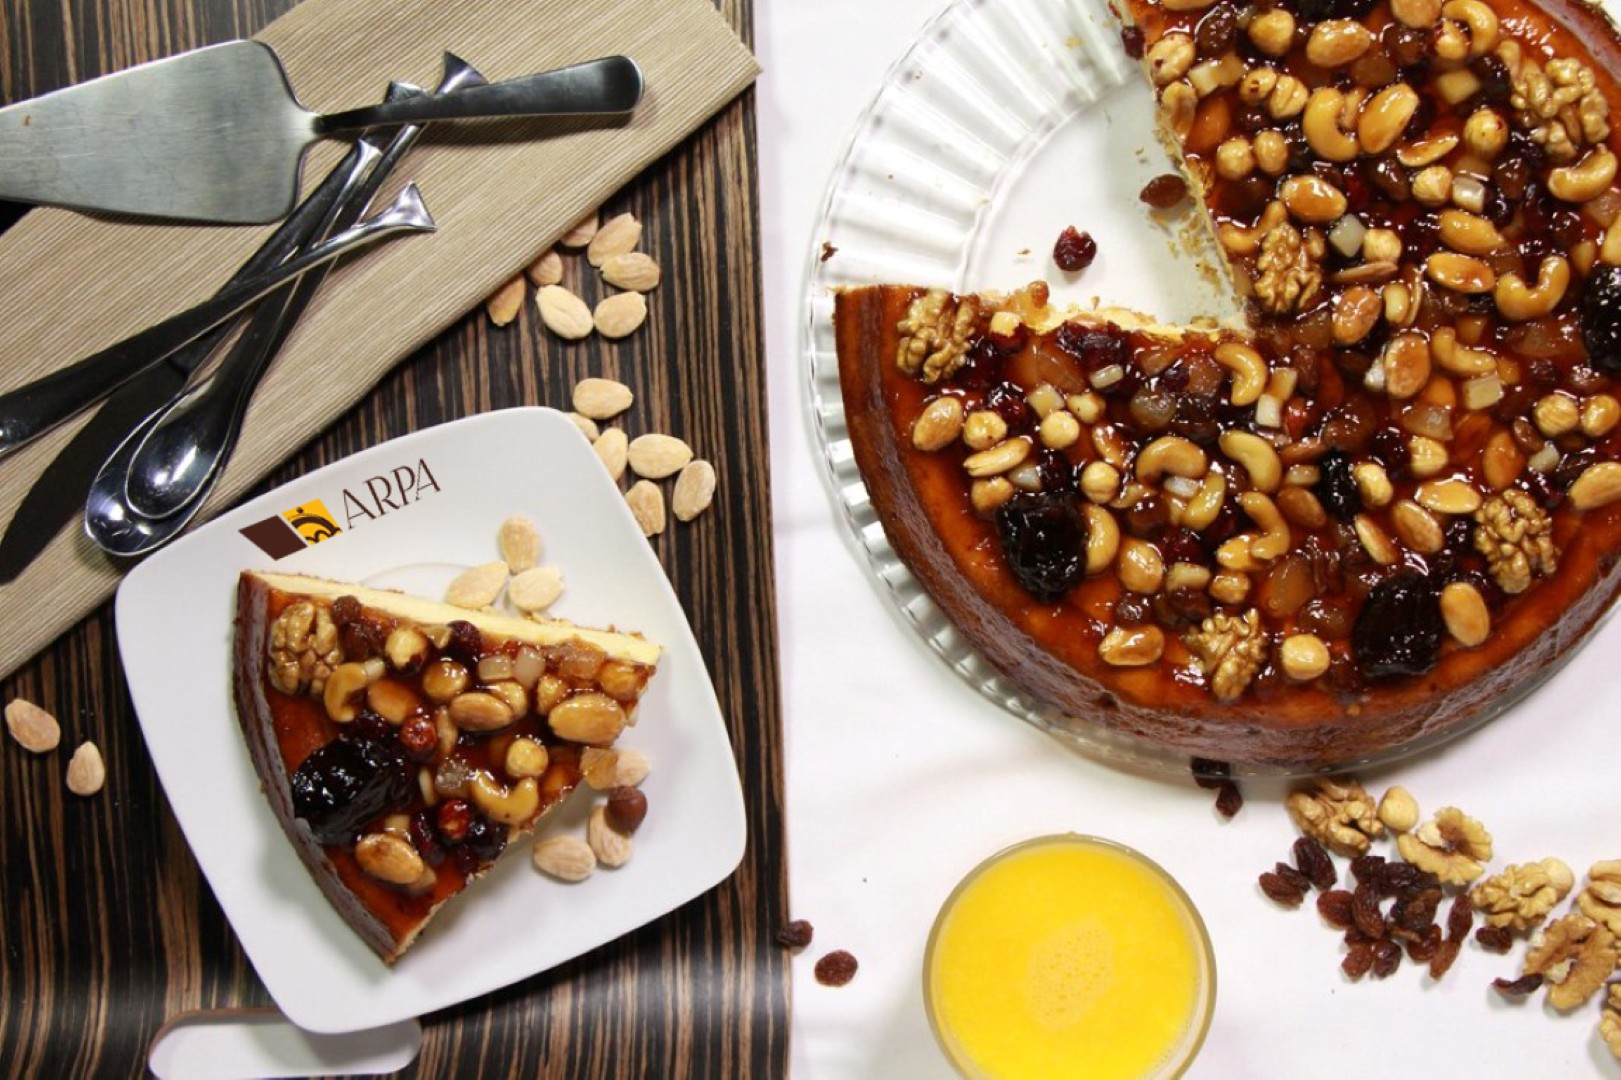 Tarta de frutos secos variados, base de bizcocho de almendra rellena de crema artesana y bañada en suave caramelo